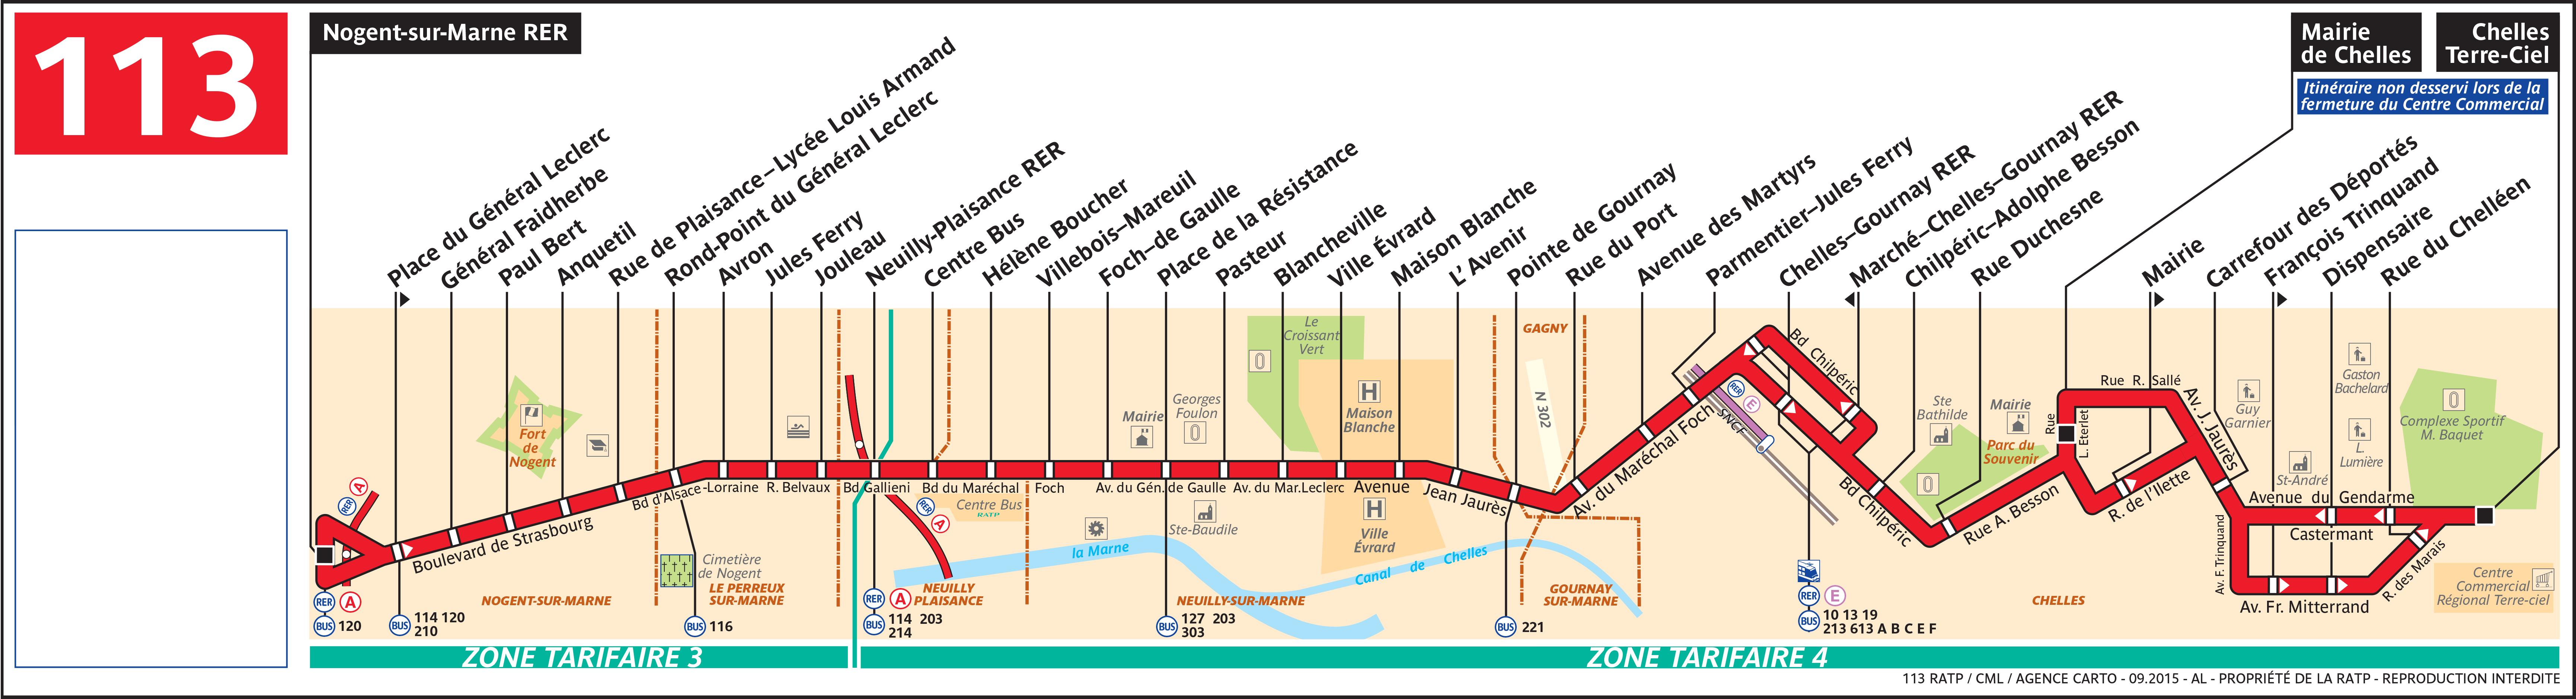 Infos pratiques - Transports & Stationnements   Ville de